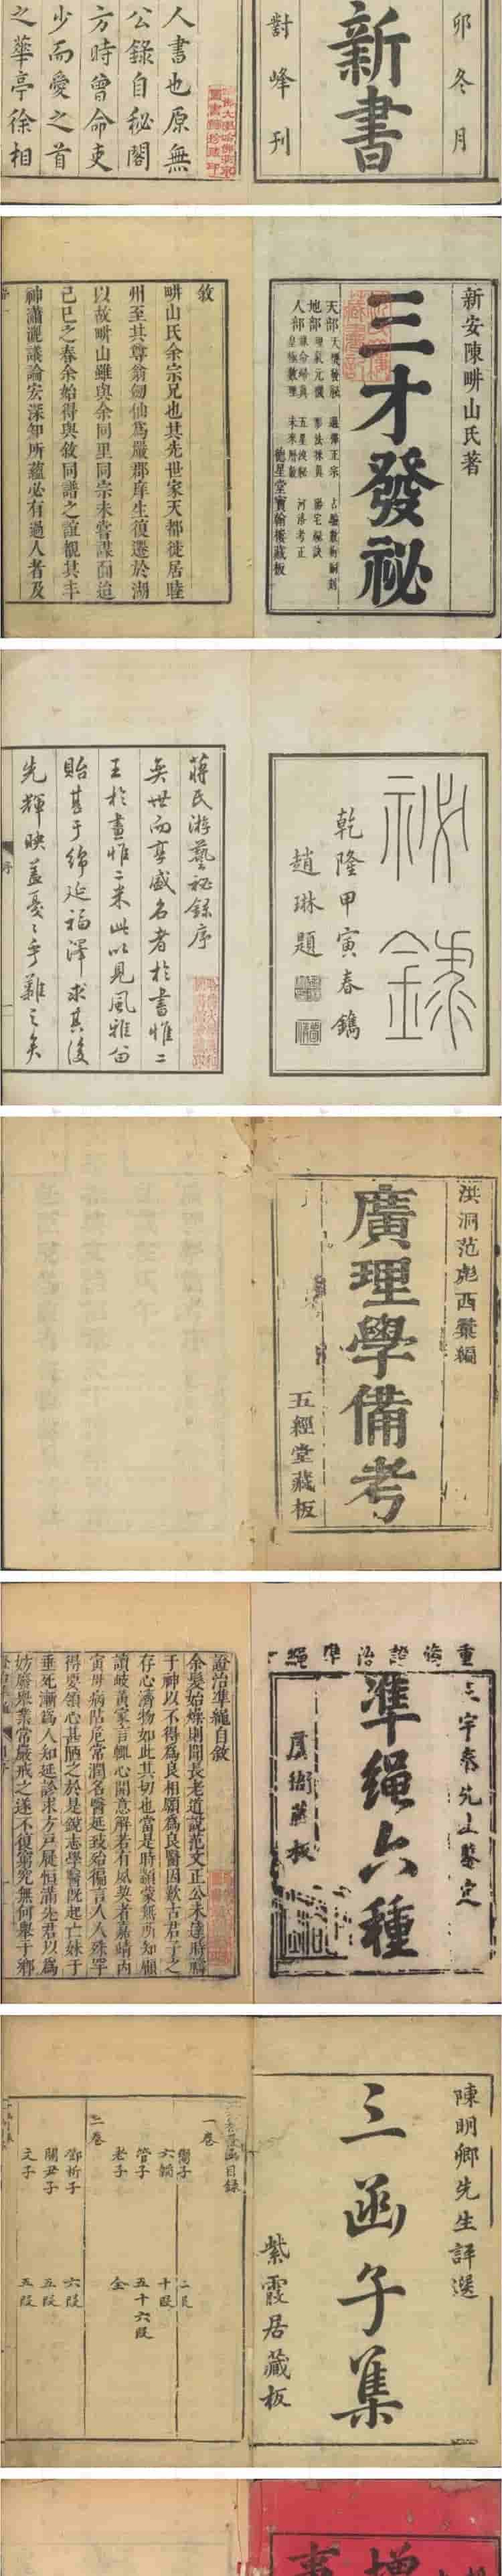 哈佛大学图书馆藏古籍系列 手抄本古书孤本善本 电子版 5647插图(2)